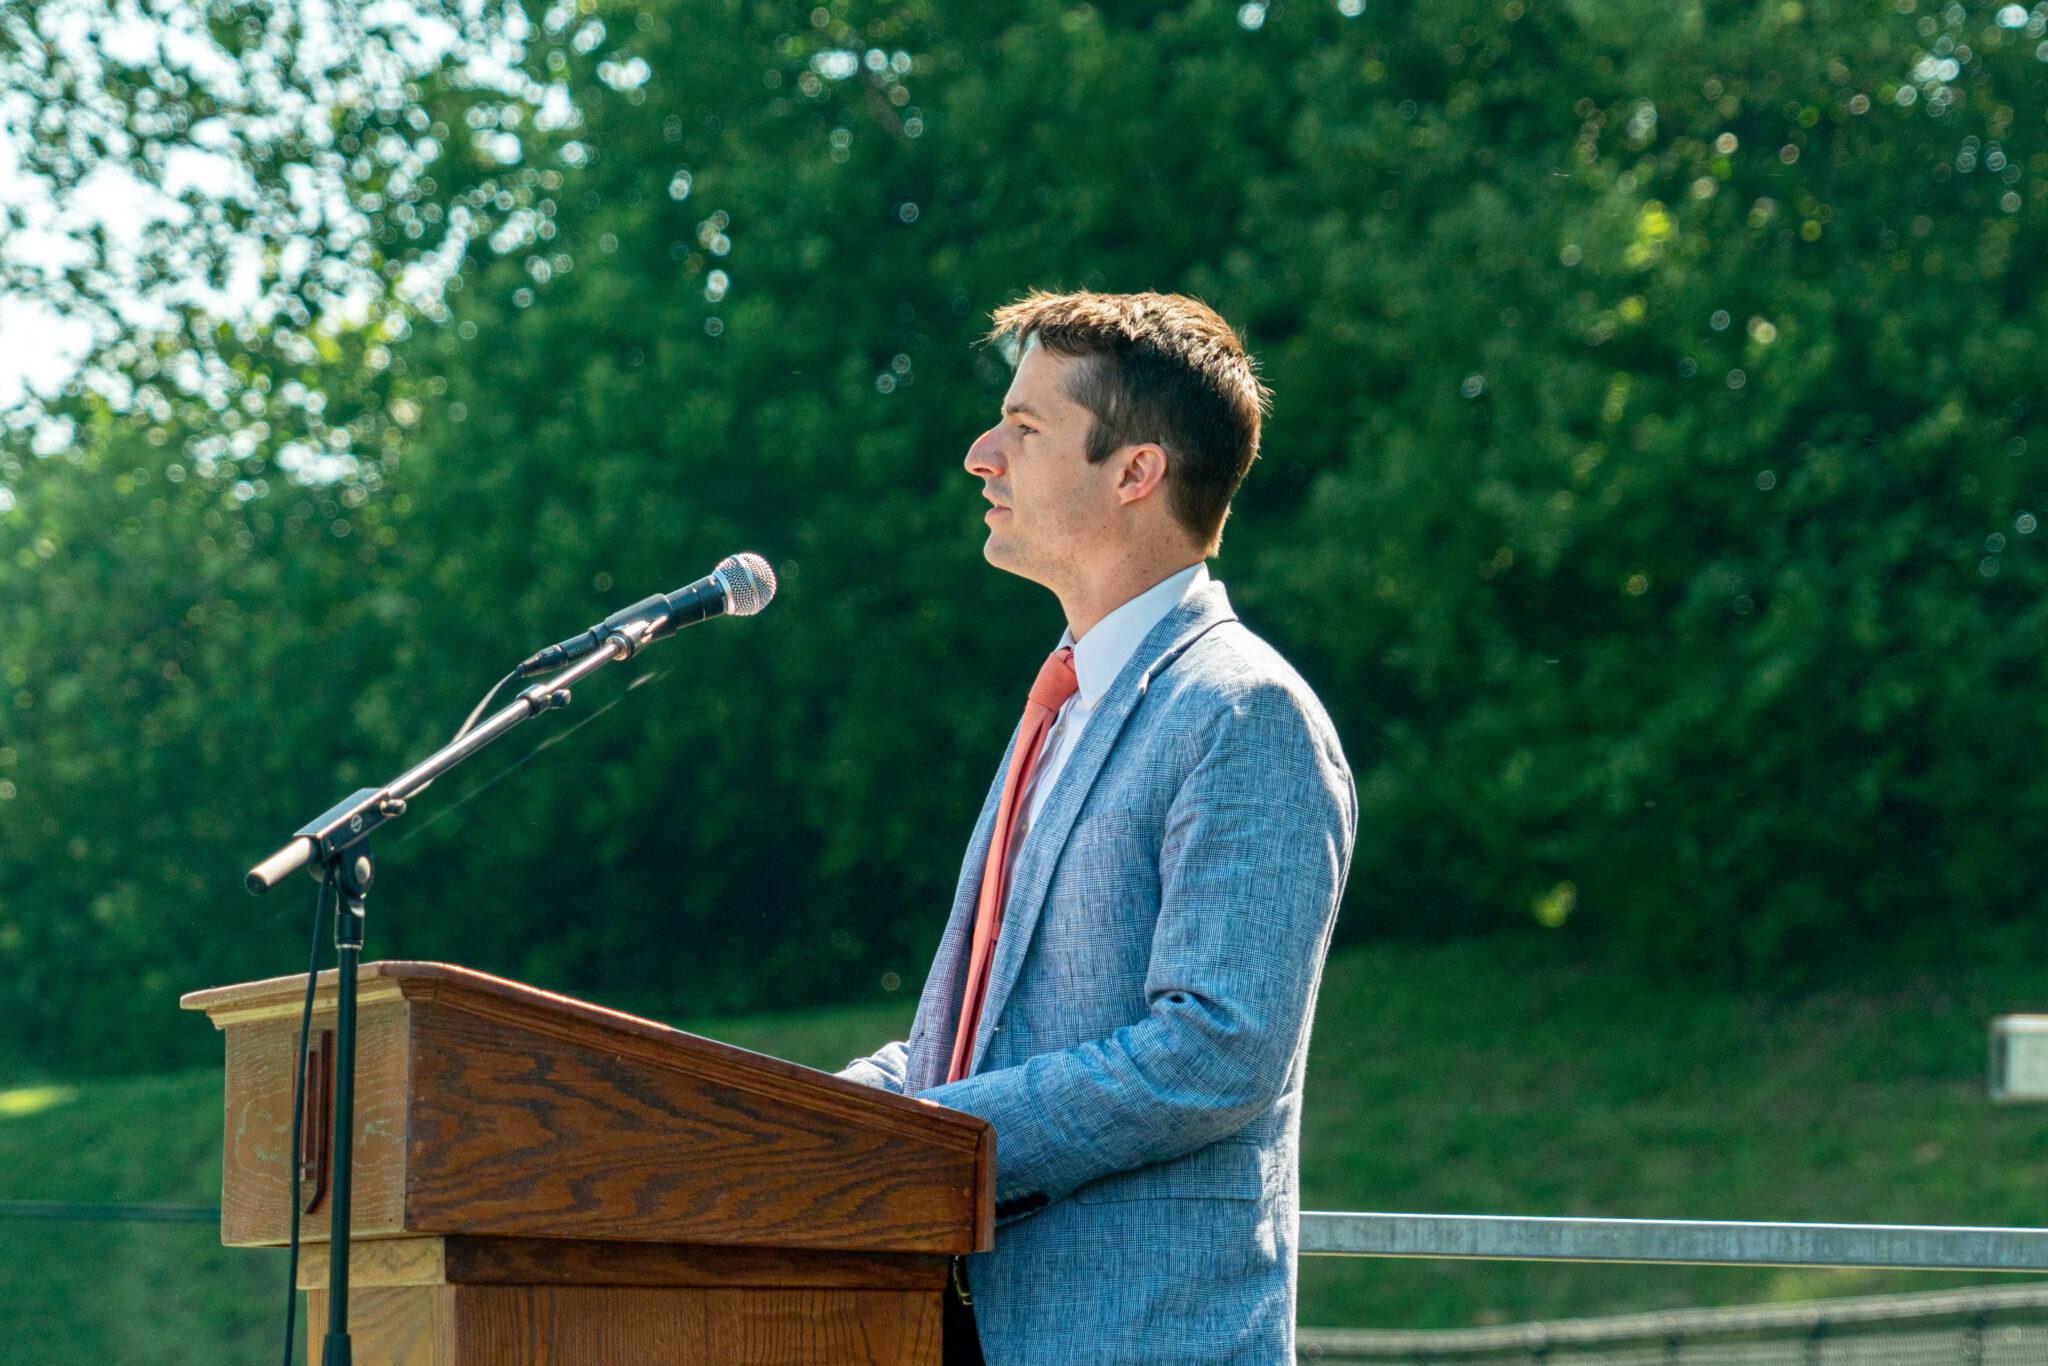 Principal talking at podium